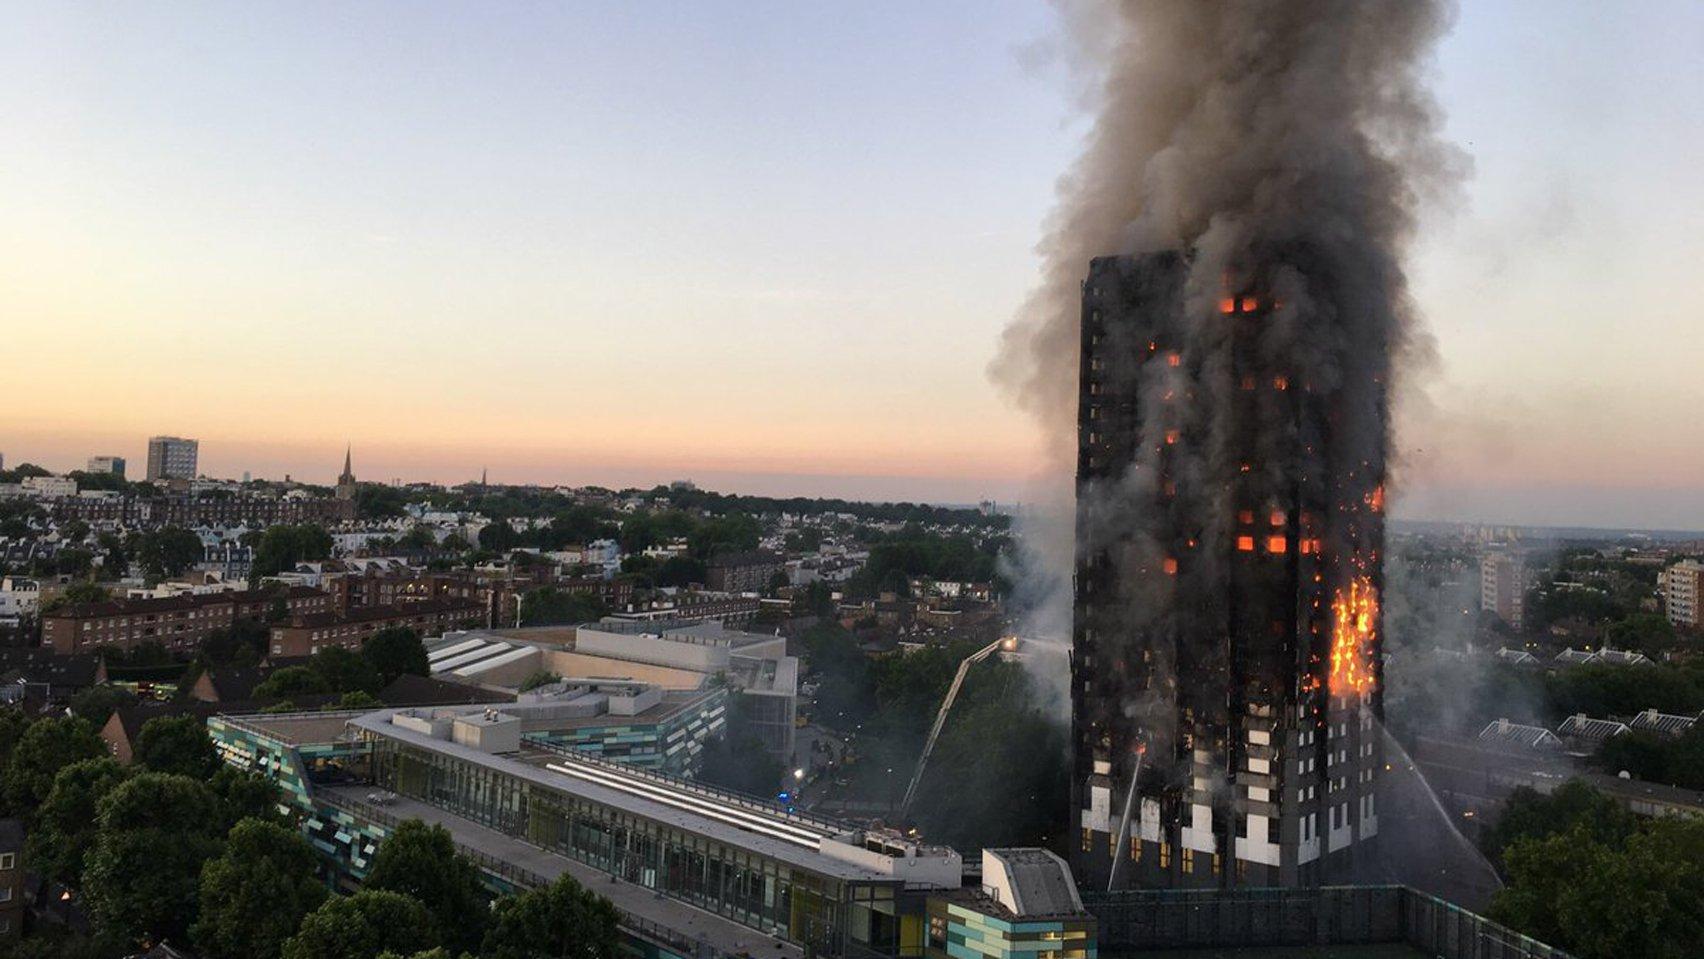 """Названа причина пожара в лондонской многоэтажке Grenfell Tower: следствие озвучило шокирующие подробности """"кровавой ночи"""""""